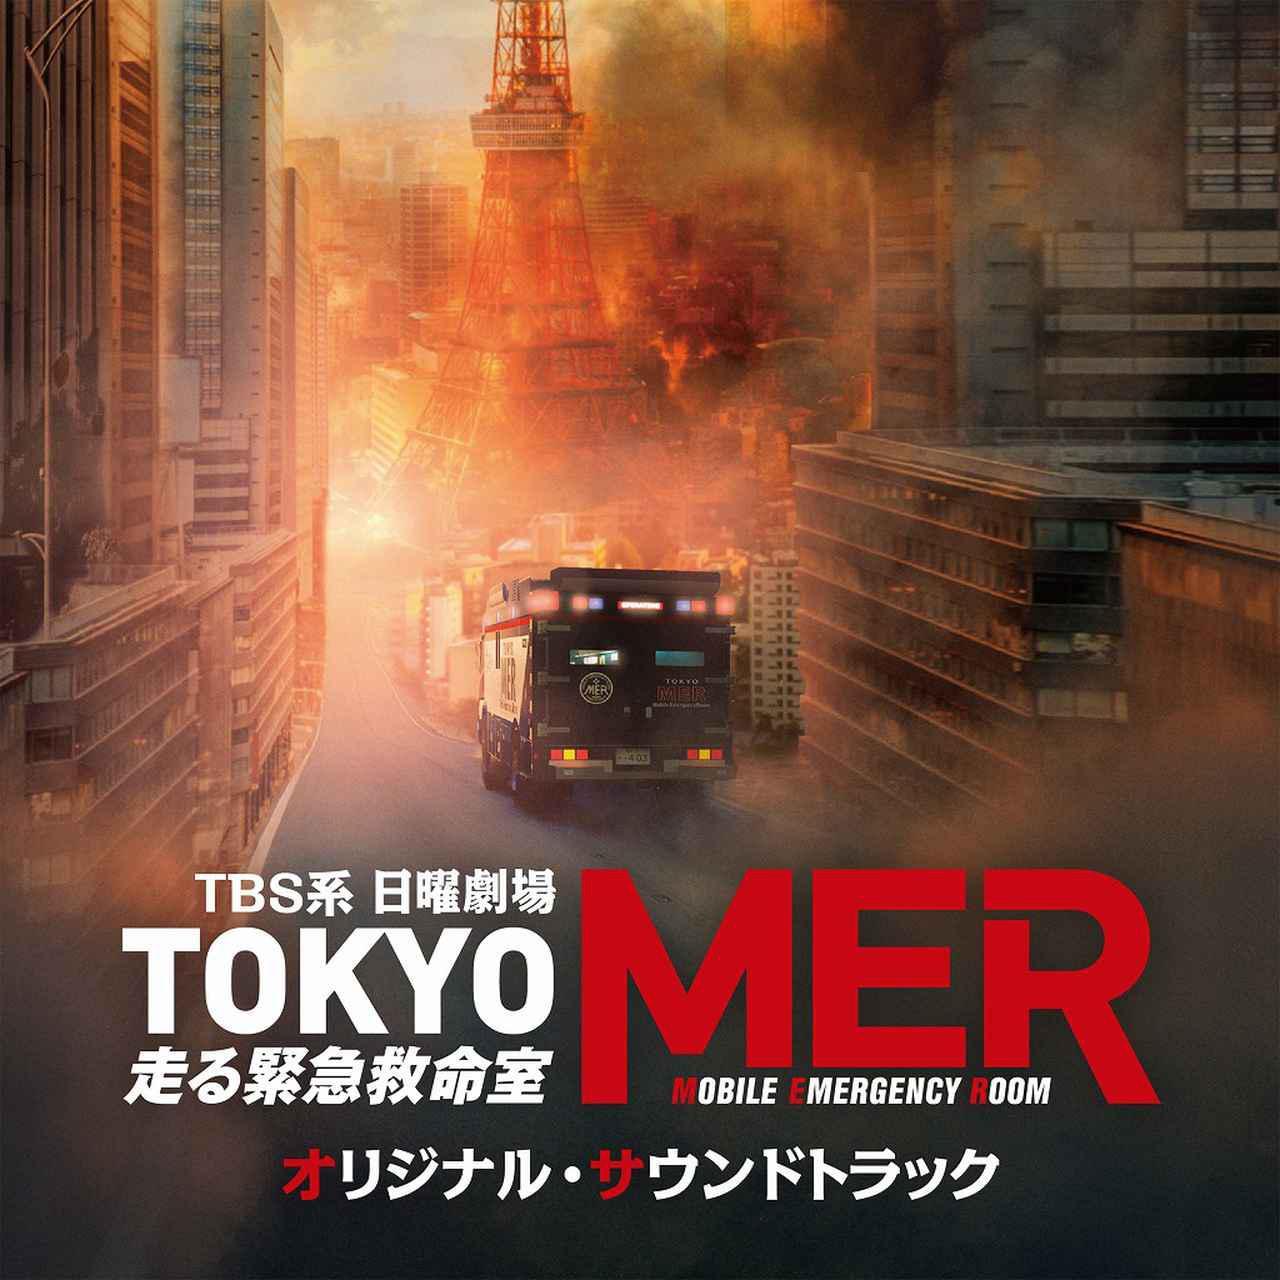 画像: TBS系 日曜劇場「TOKYO MER〜走る緊急救命室〜」オリジナル・サウンドトラック / ドラマ「TOKYO MER〜走る緊急救命室〜」サントラ